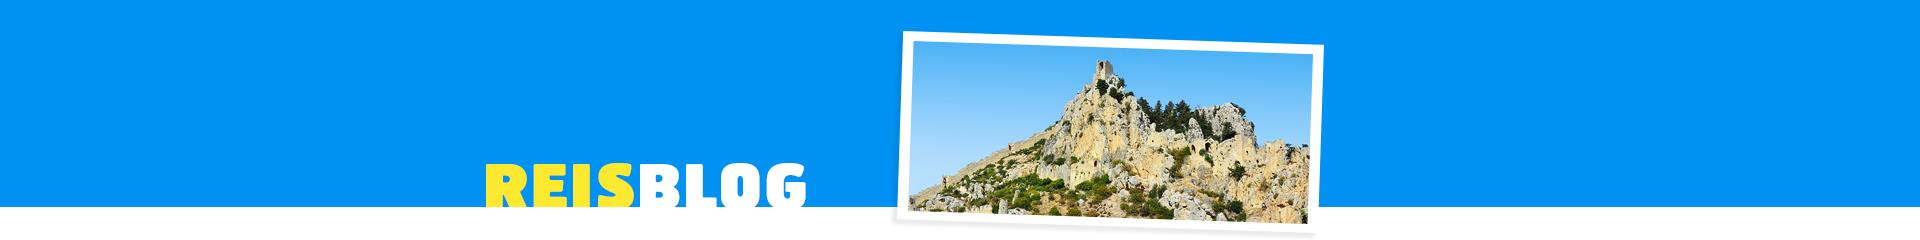 Foto van een rotsformatie in Cyprus